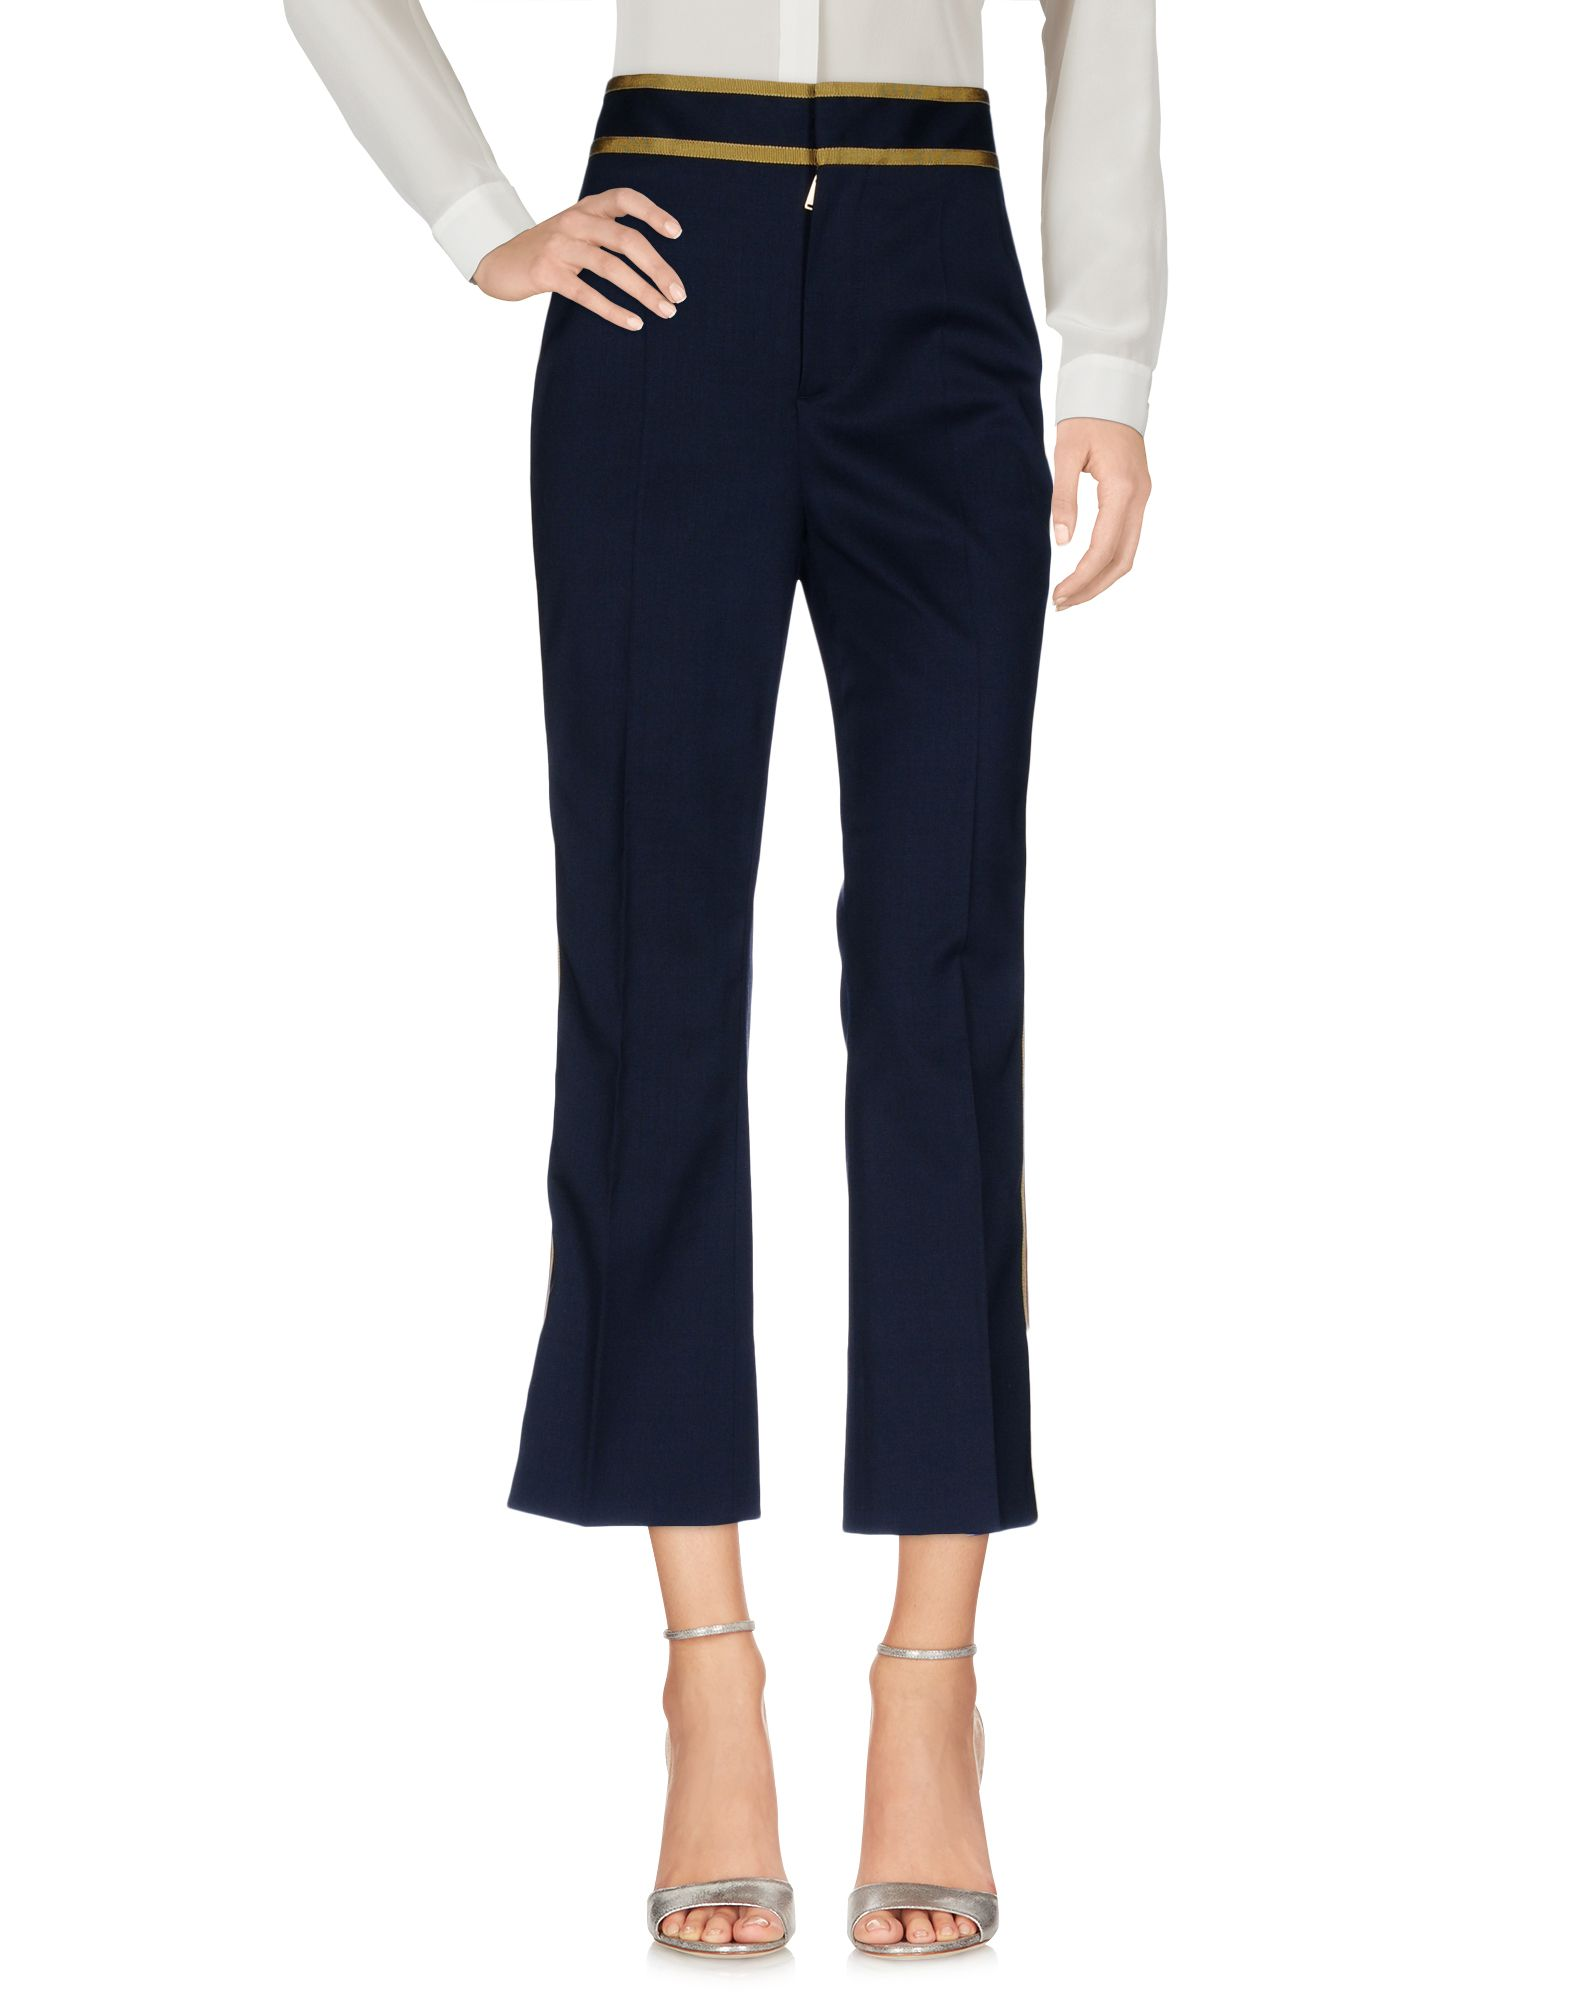 Pantalone Classico Dsquared2 Donna - Acquista online su